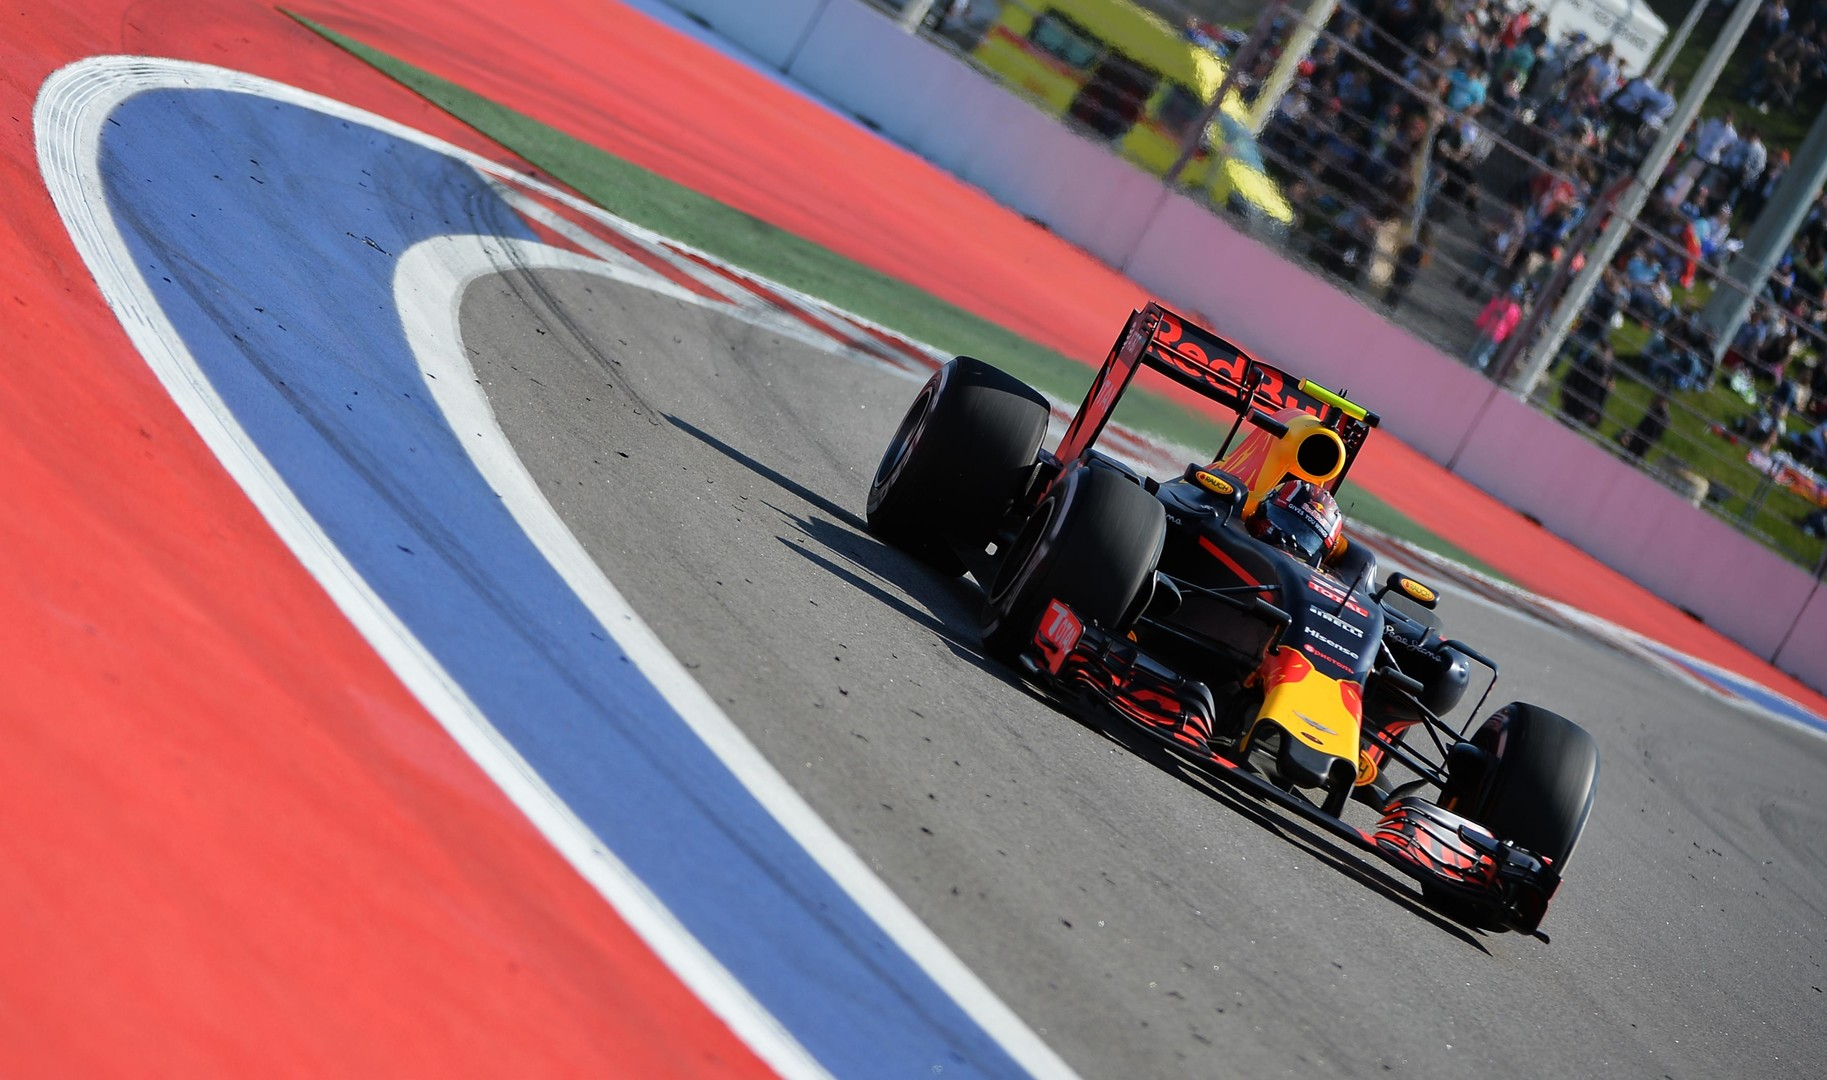 На высоких скоростях: превью четвёртого этапа Гран-при «Формулы-1» в Сочи